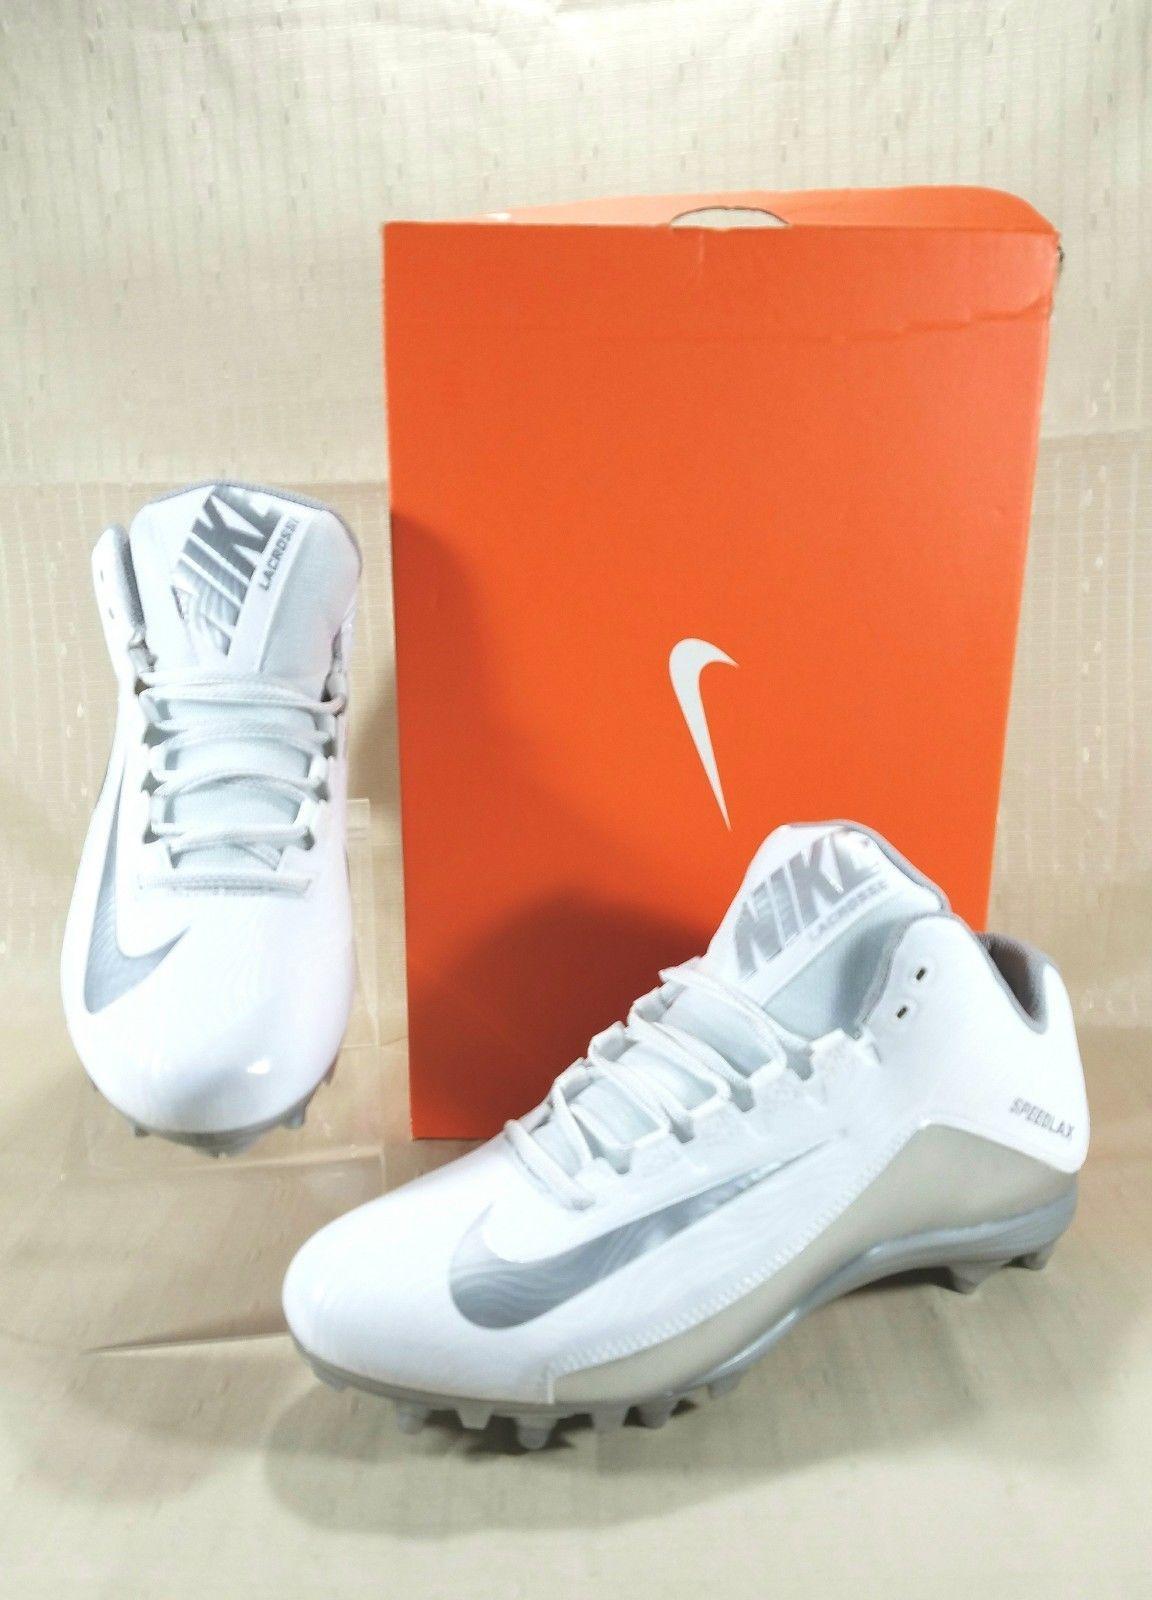 half off a94c7 da2e7 S l1600. S l1600. Previous. Nike SpeedLax 5 Mid Lacrosse Cleats Men s Size  10.5 White   Silver ...